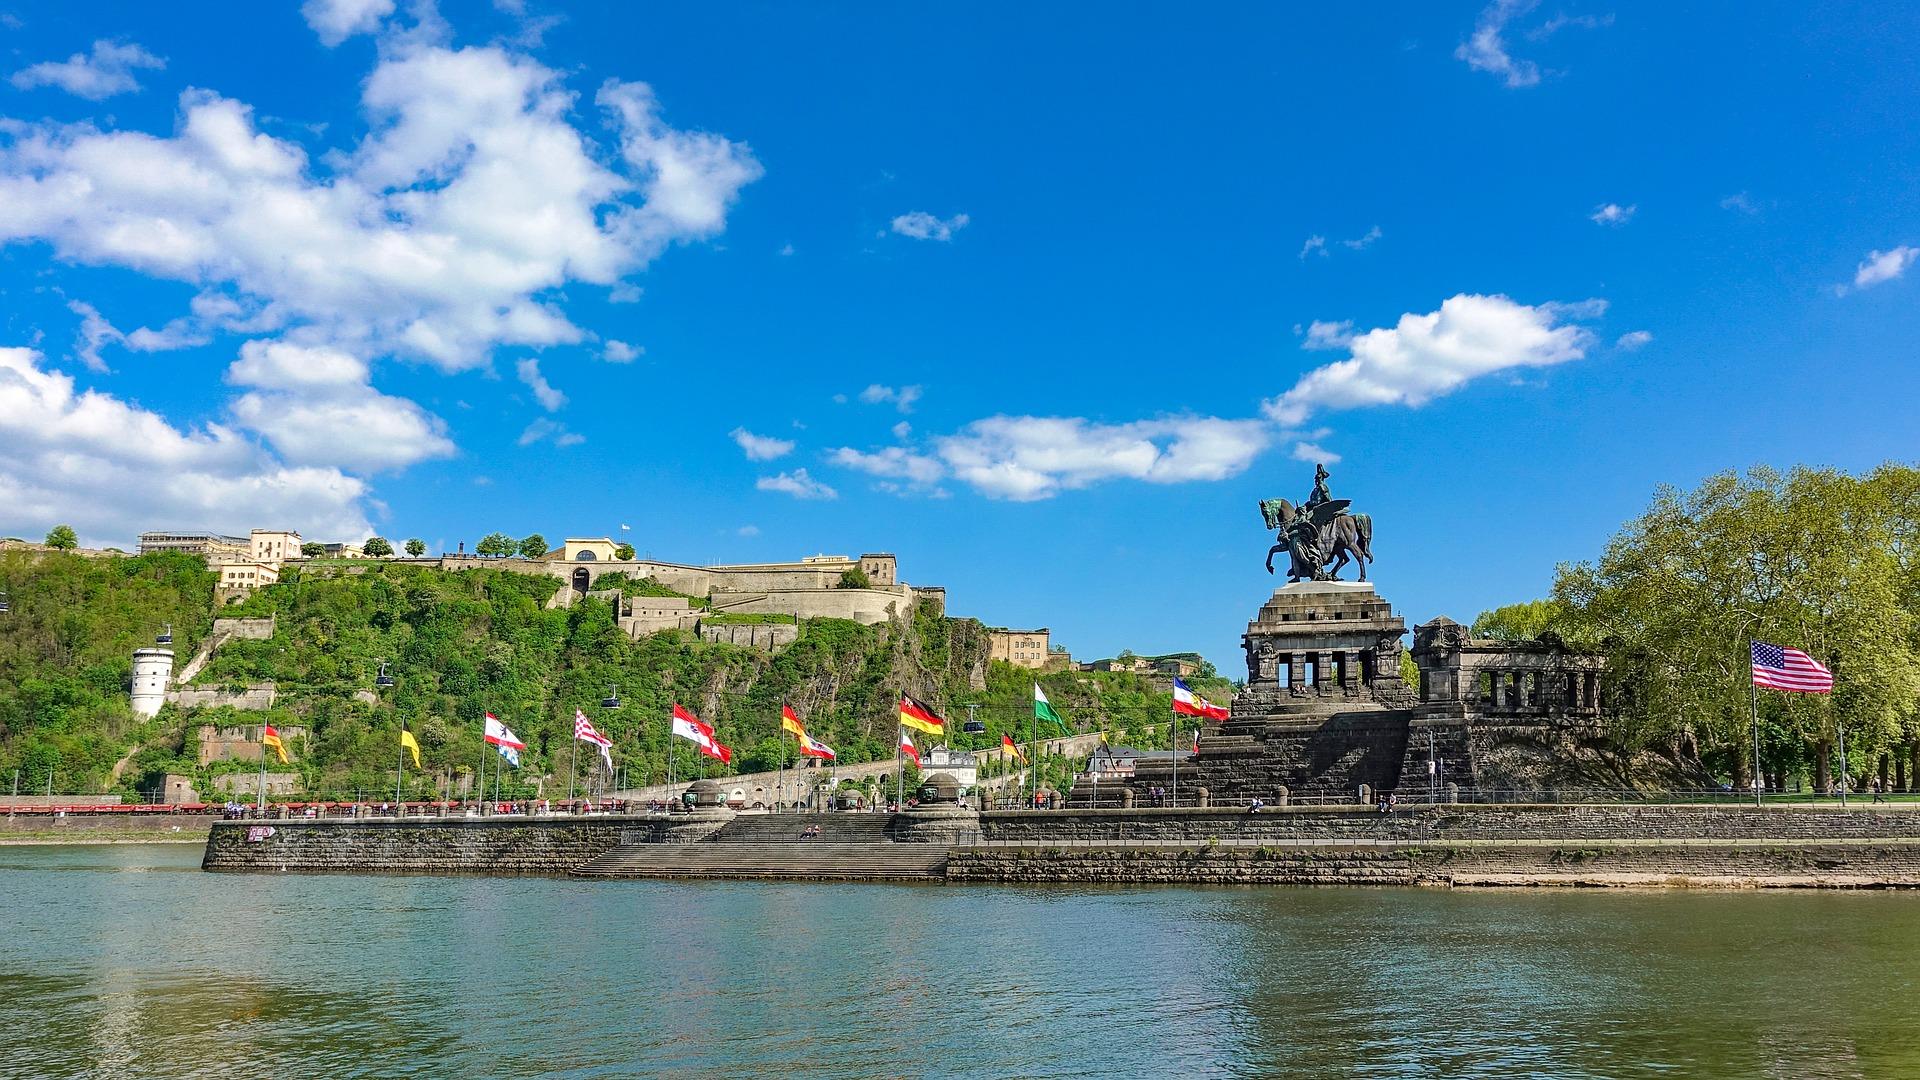 Busreise Koblenz Deutsches Eck mit Mosel Rhein und Burg